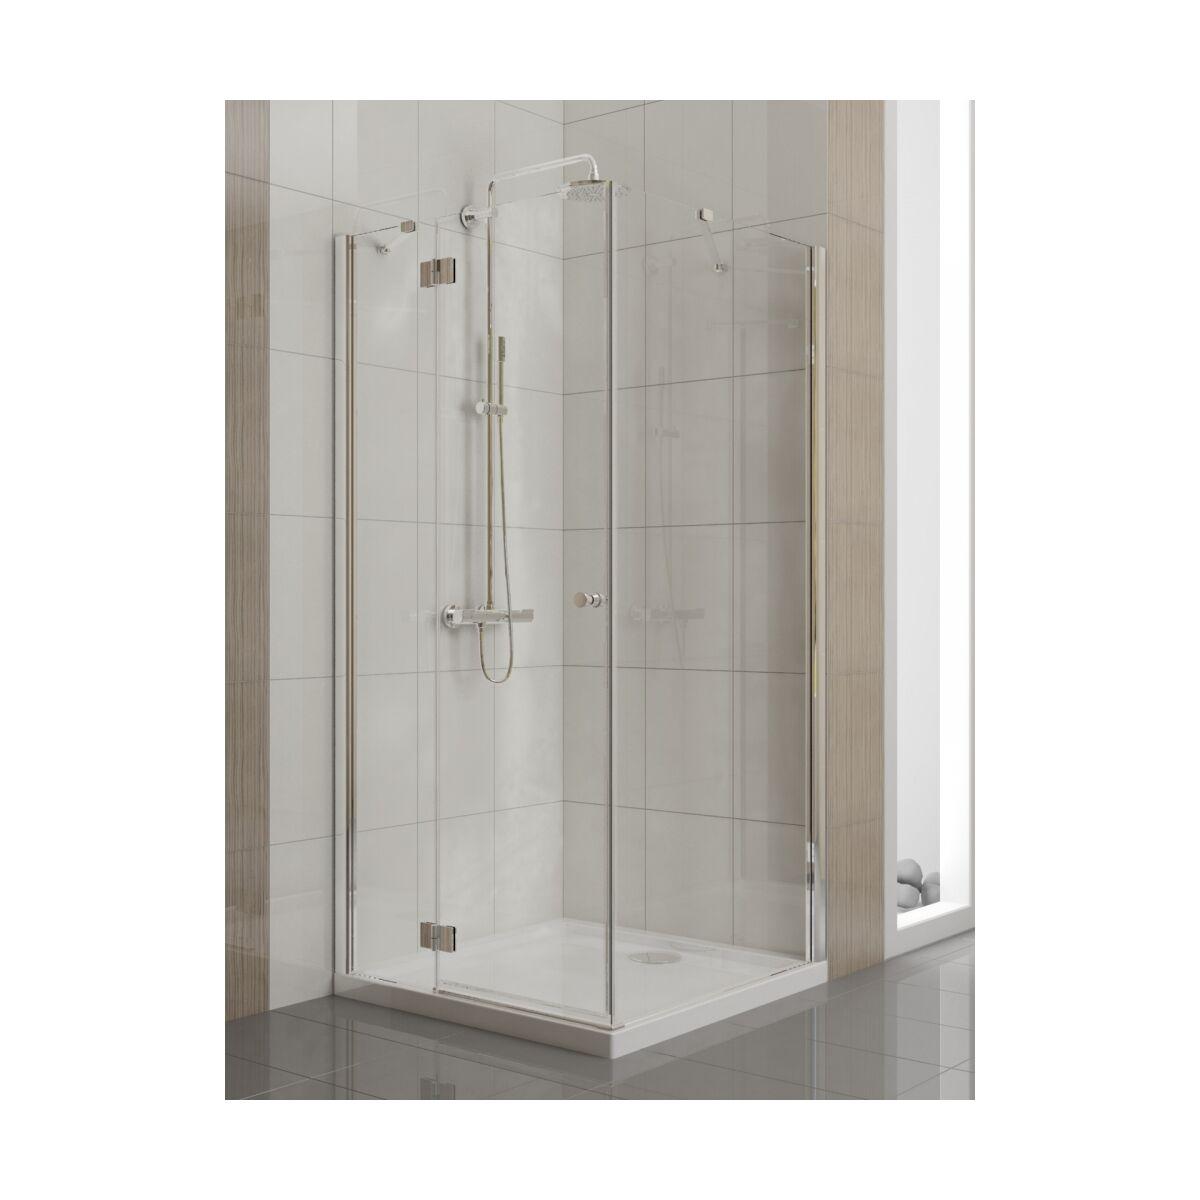 Kabina Prysznicowa 90 X 90 Cm Iridum Valence Kabiny Prysznicowe W Atrakcyjnej Cenie W Sklepach Leroy Merlin